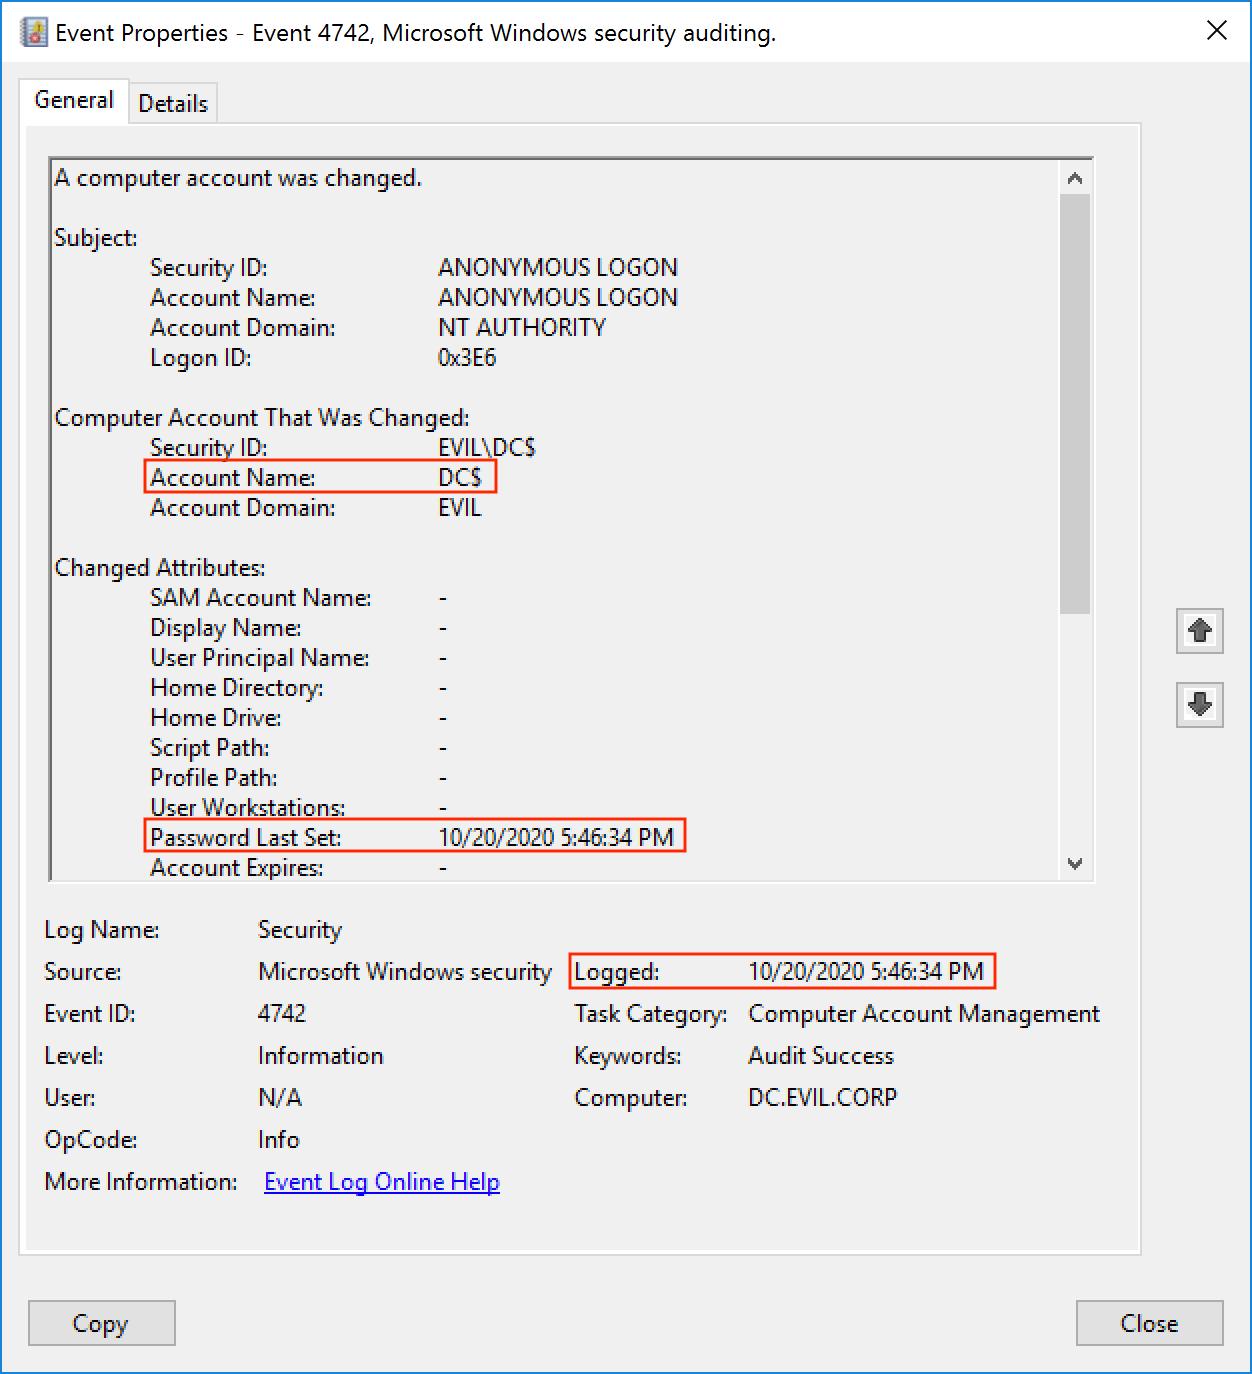 Событие 4742. Пароль учетной записи DC$ был изменен в 5:46:34 PM